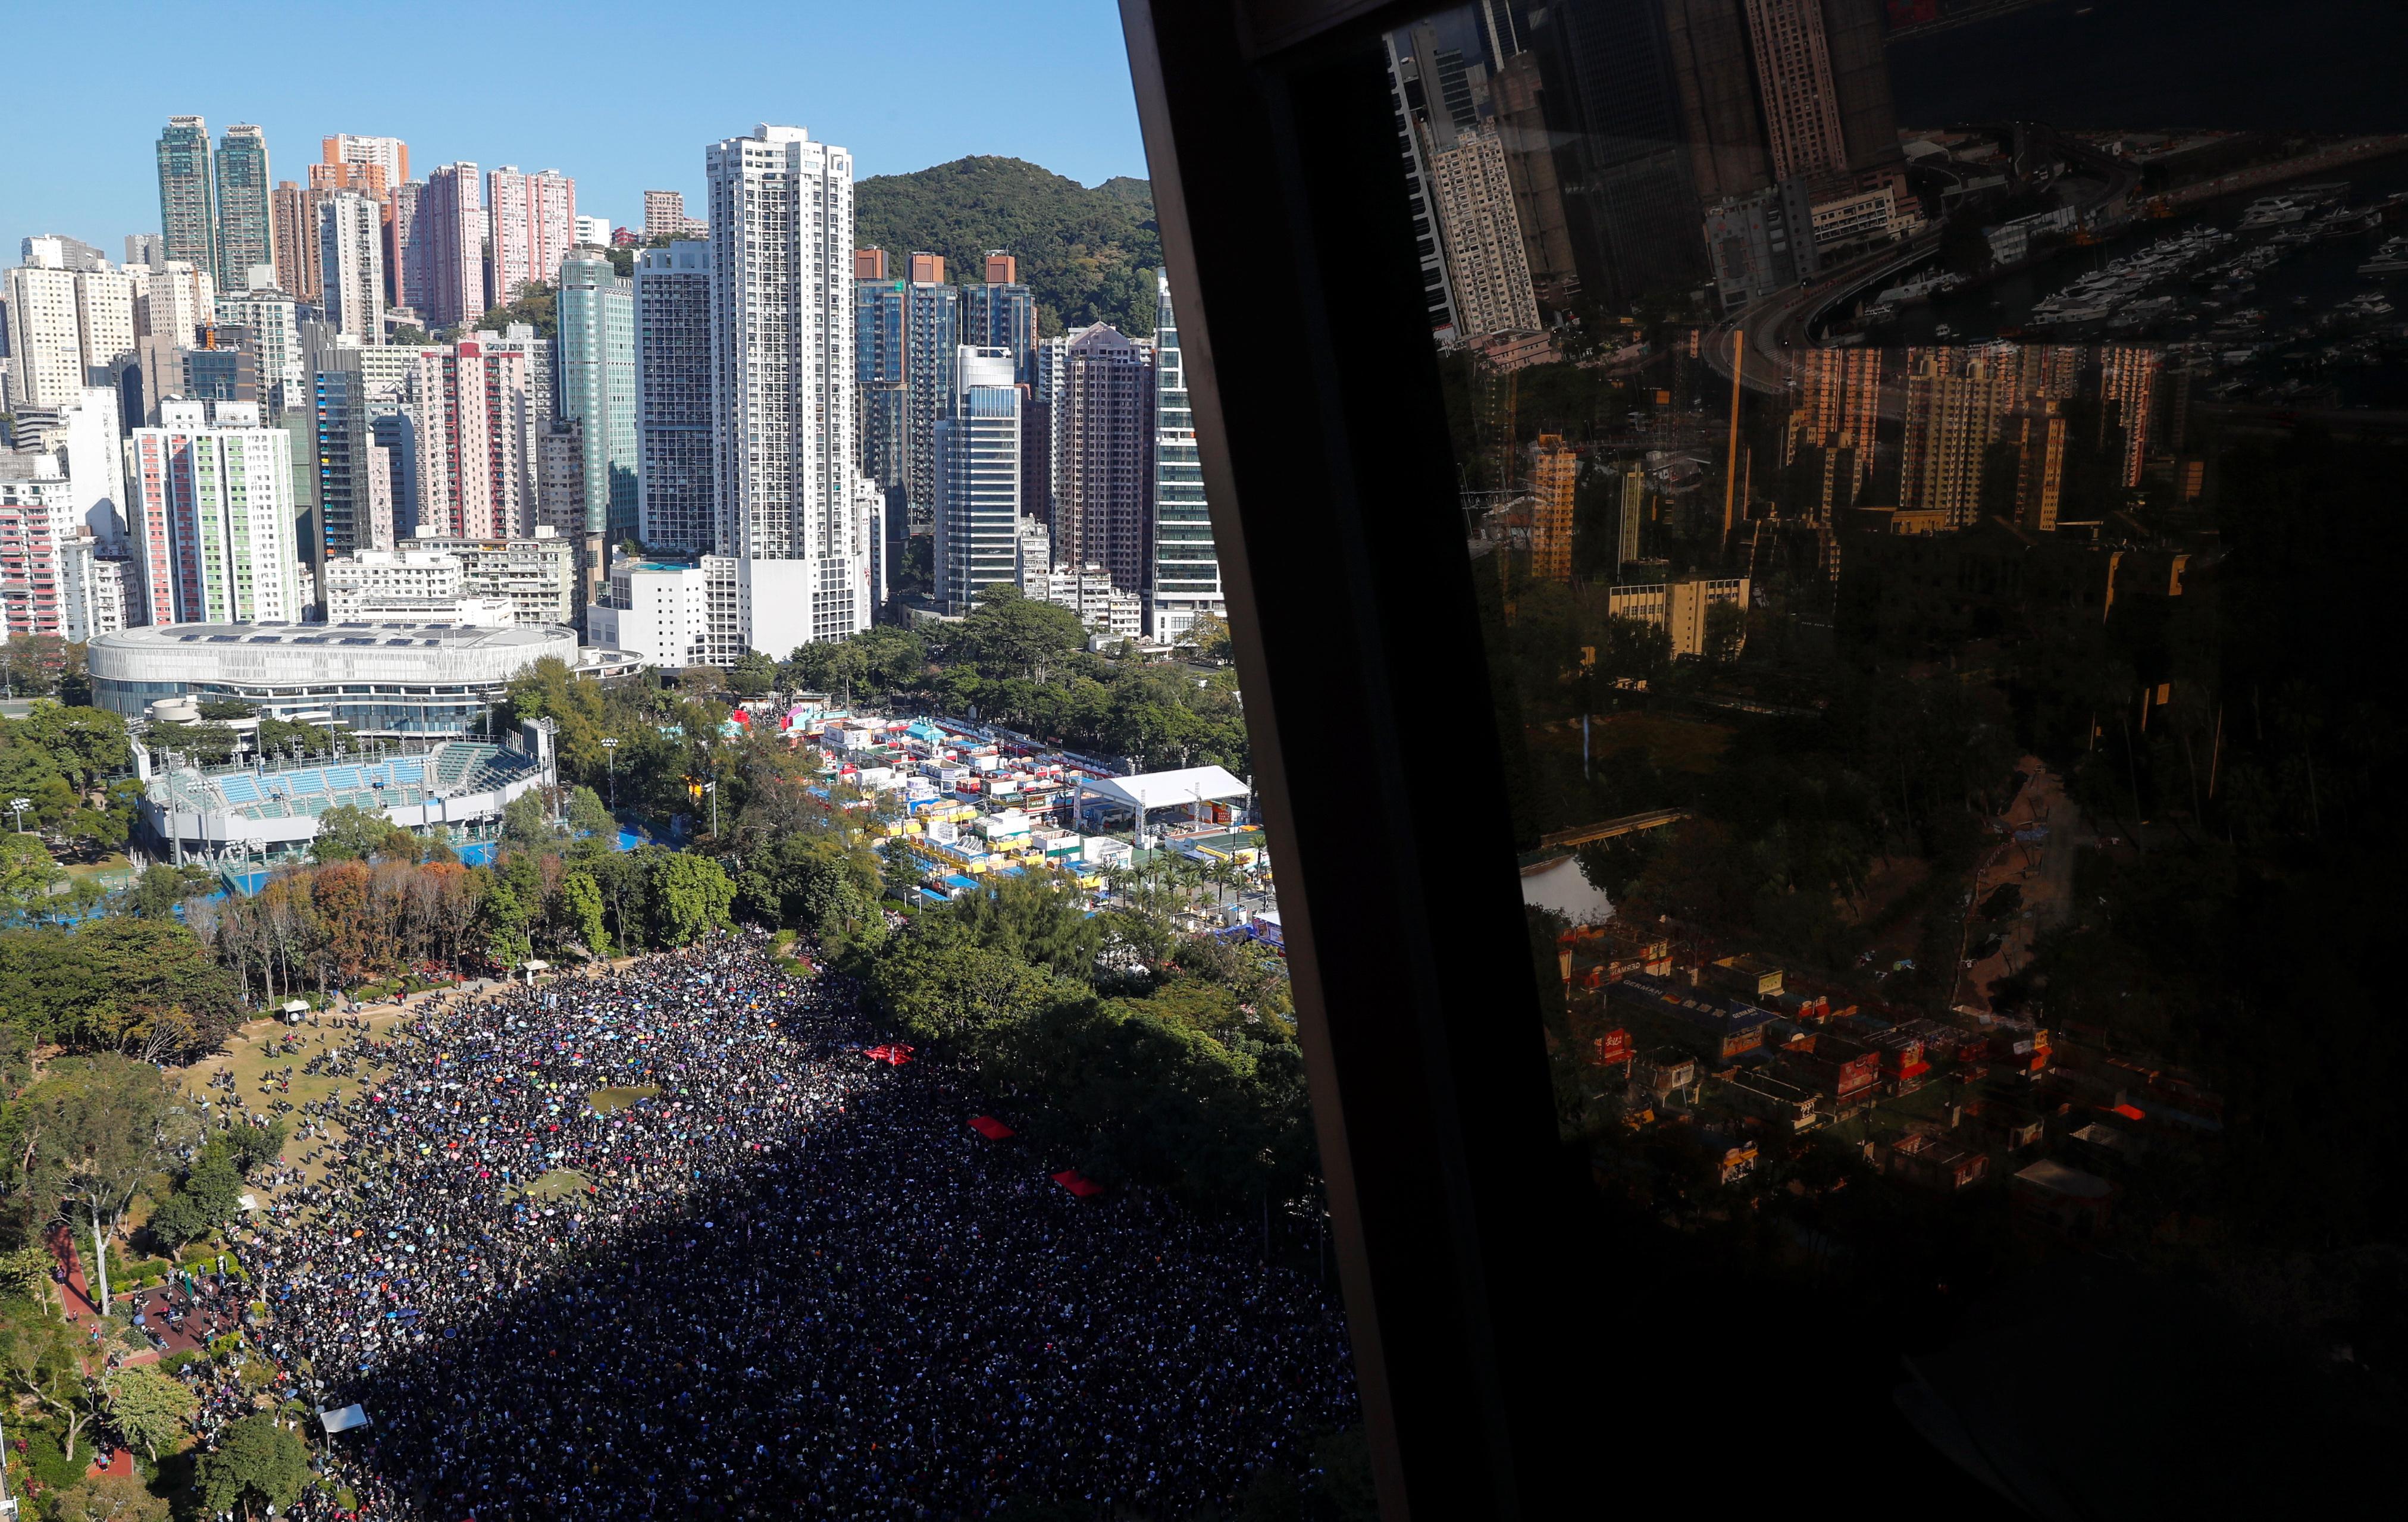 Des milliers de manifestants envahissent les rues de Hong Kong alors que le gouvernement appelle au calme